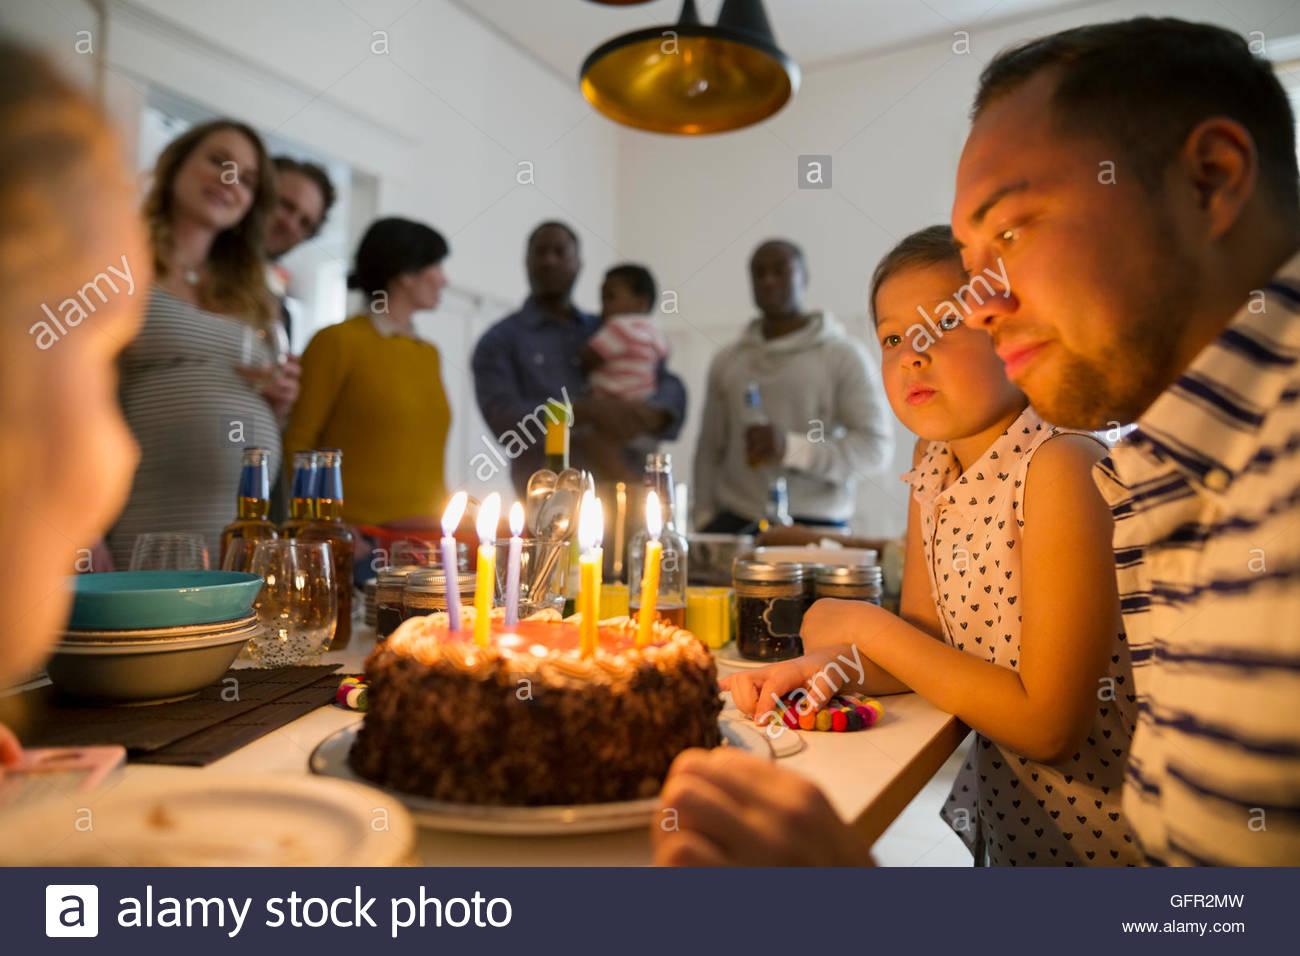 Padre e hijas con pastel de cumpleaños con velas por parte Imagen De Stock